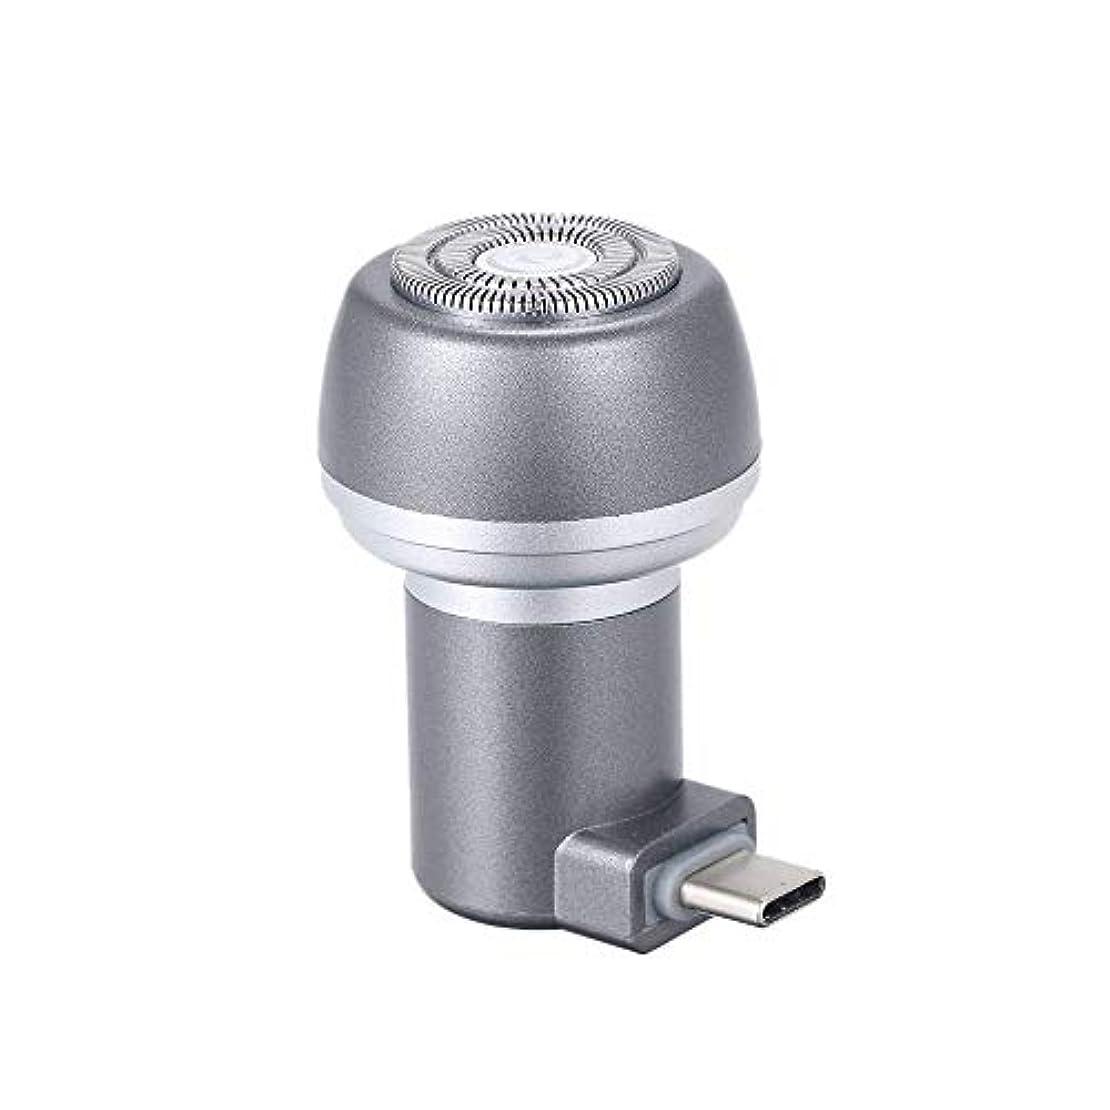 通信する全体にサッカーXiAnShiYu家庭用 電気 シェーバー 男性用 防水 ウェットドライシェービング USB充電式 グレー タイプC